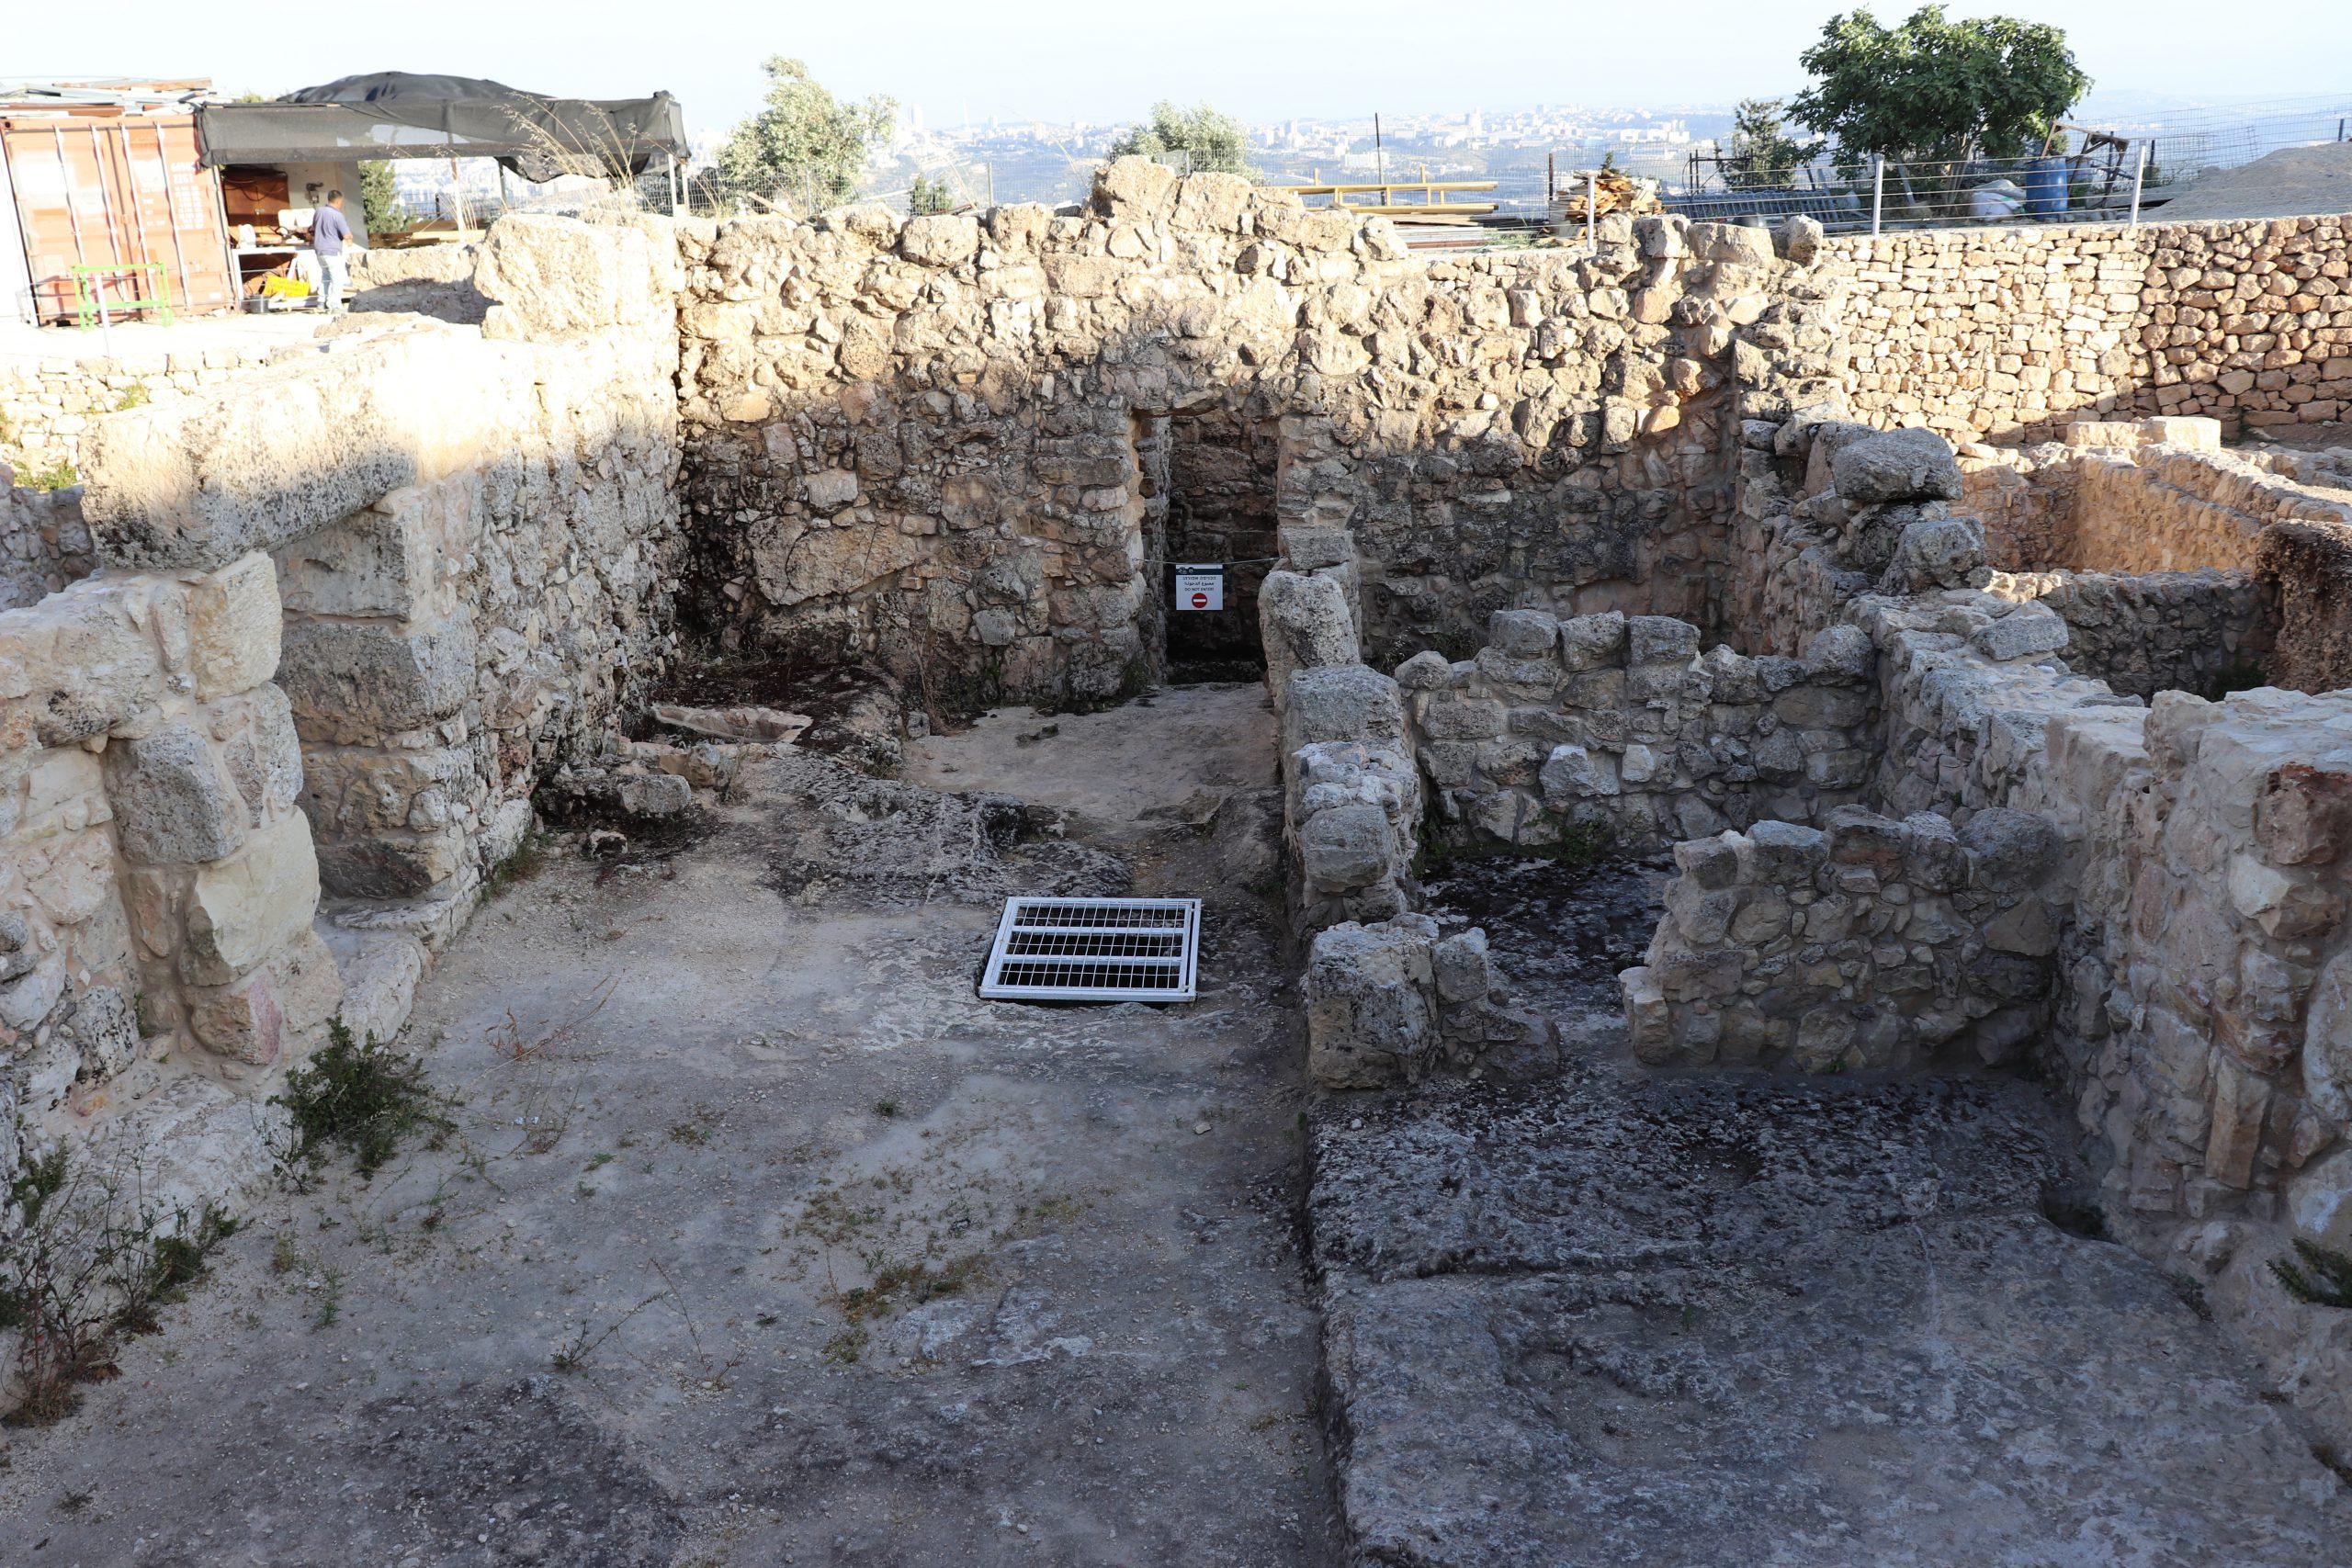 אחד ממתחמי המגורים העתיקים בנבי סמואל.